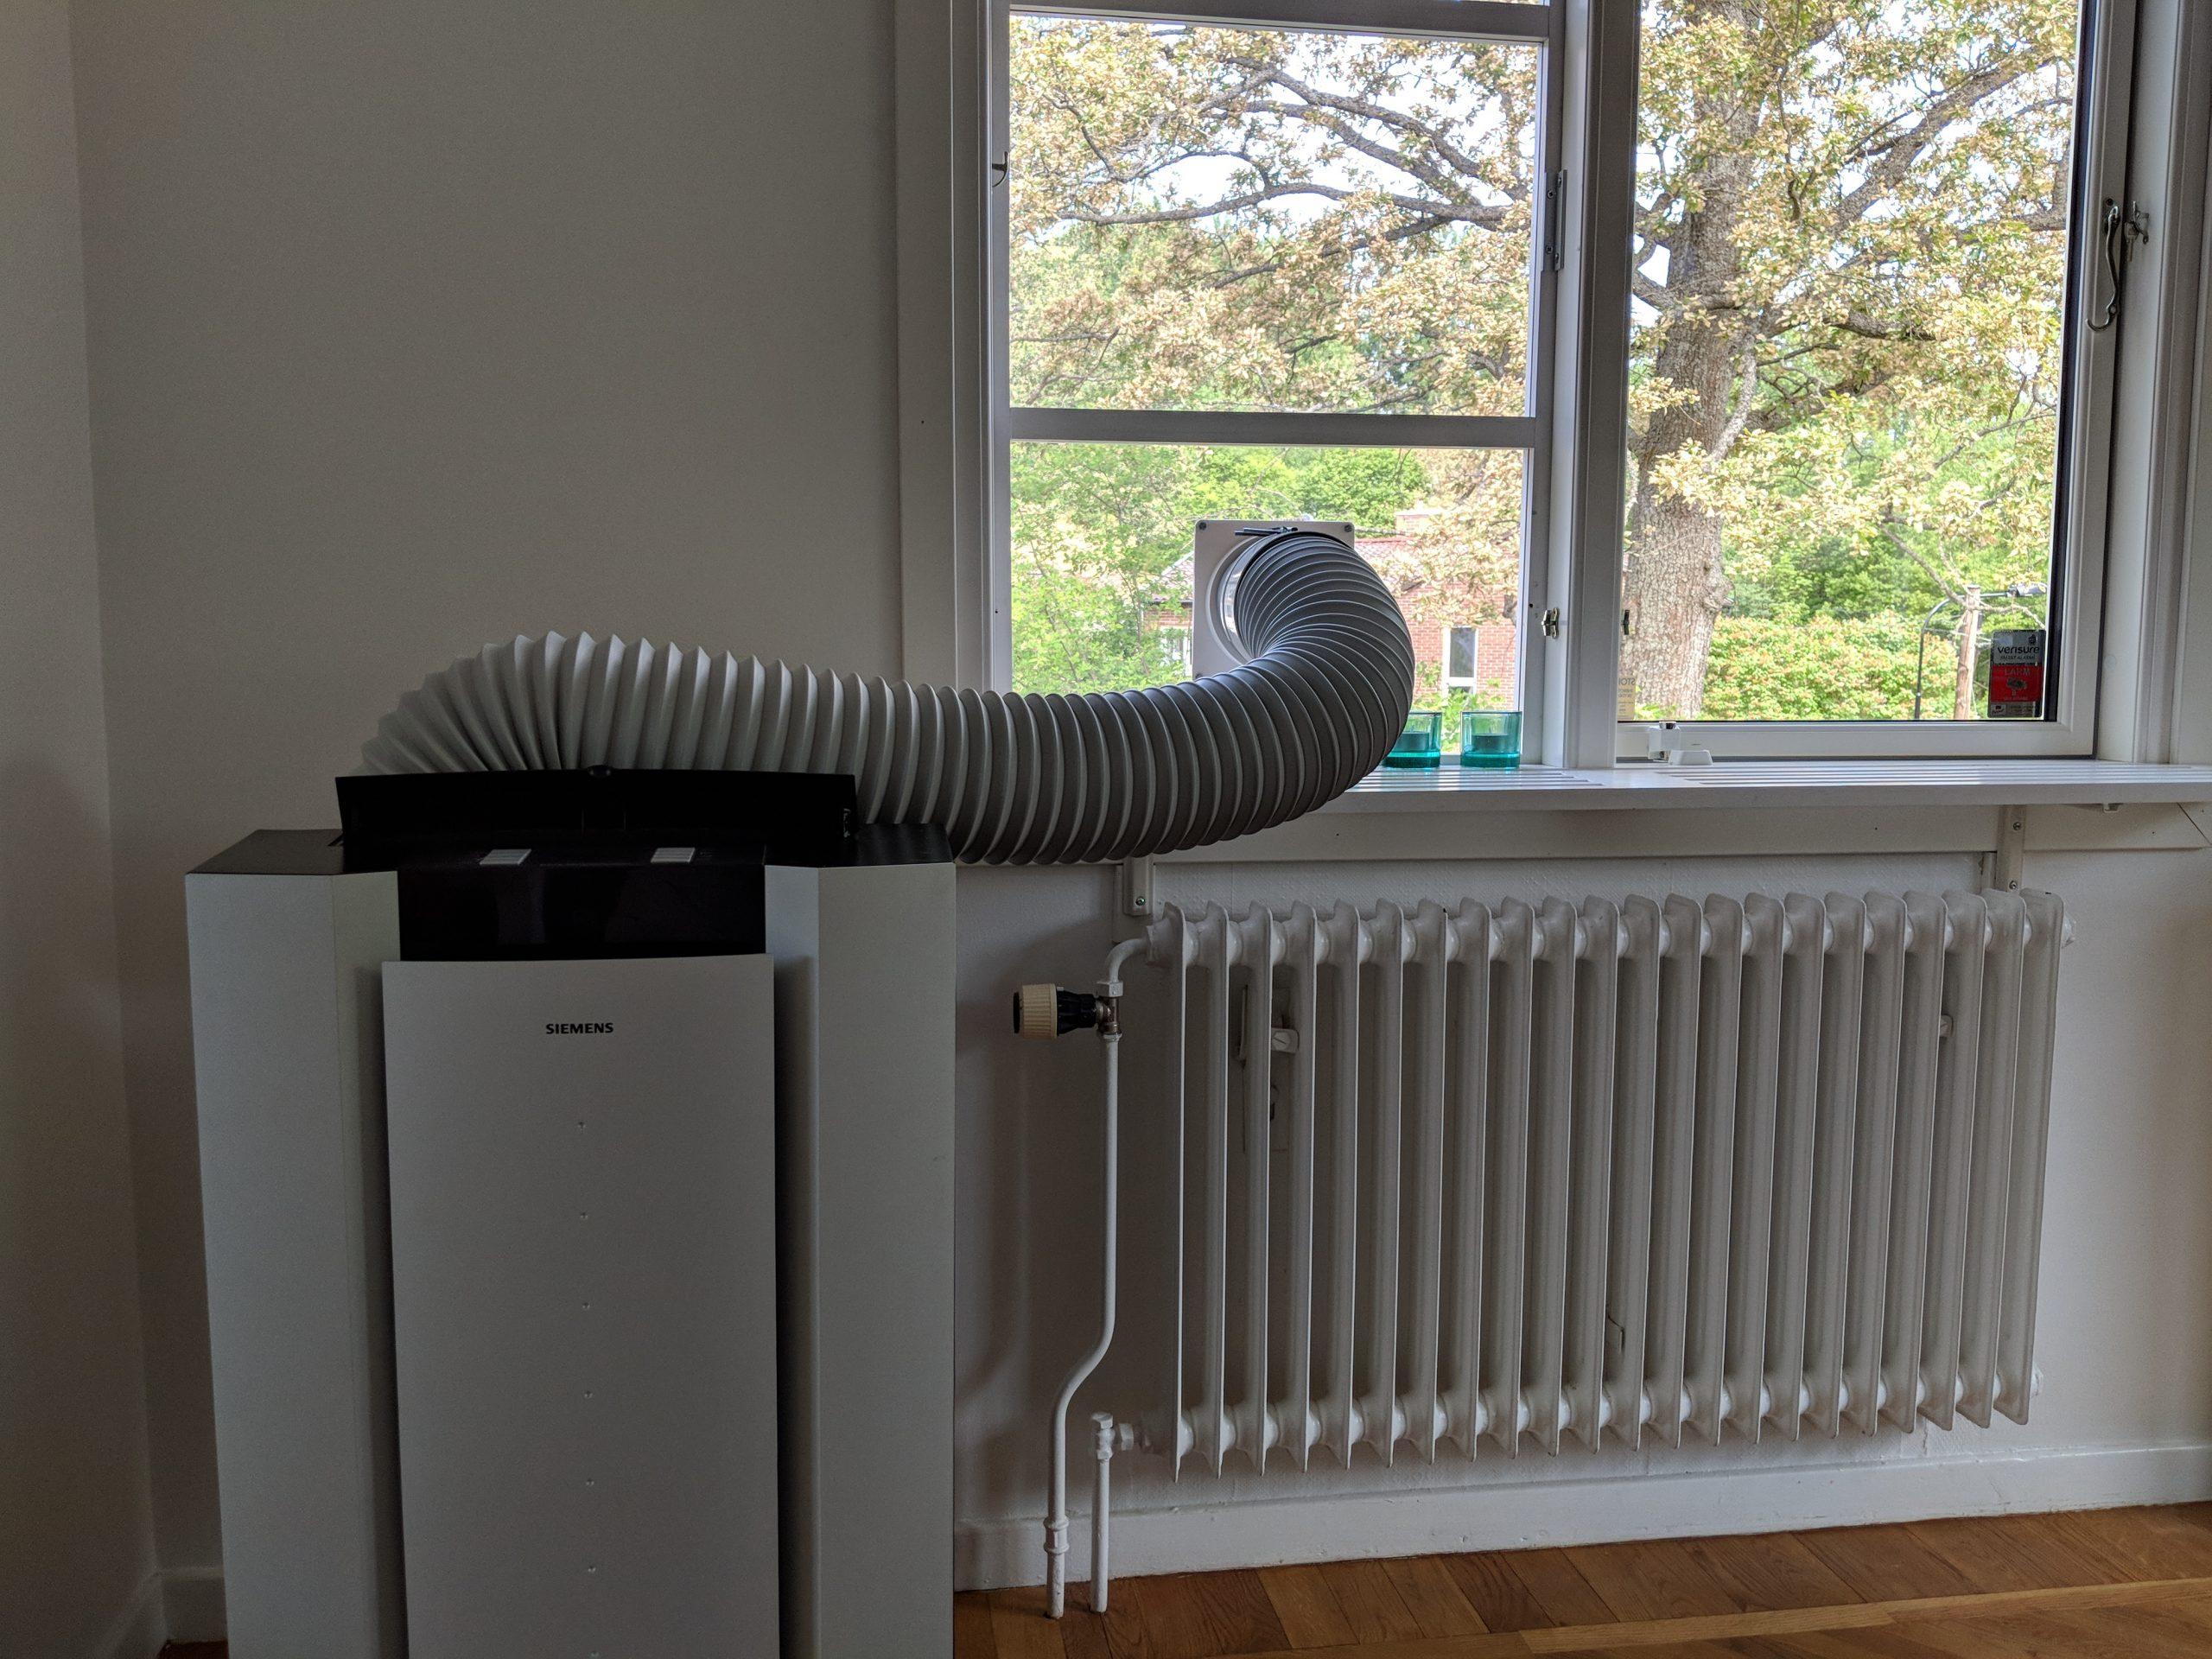 Fönster eller vägg AC – Vilket är bättre?